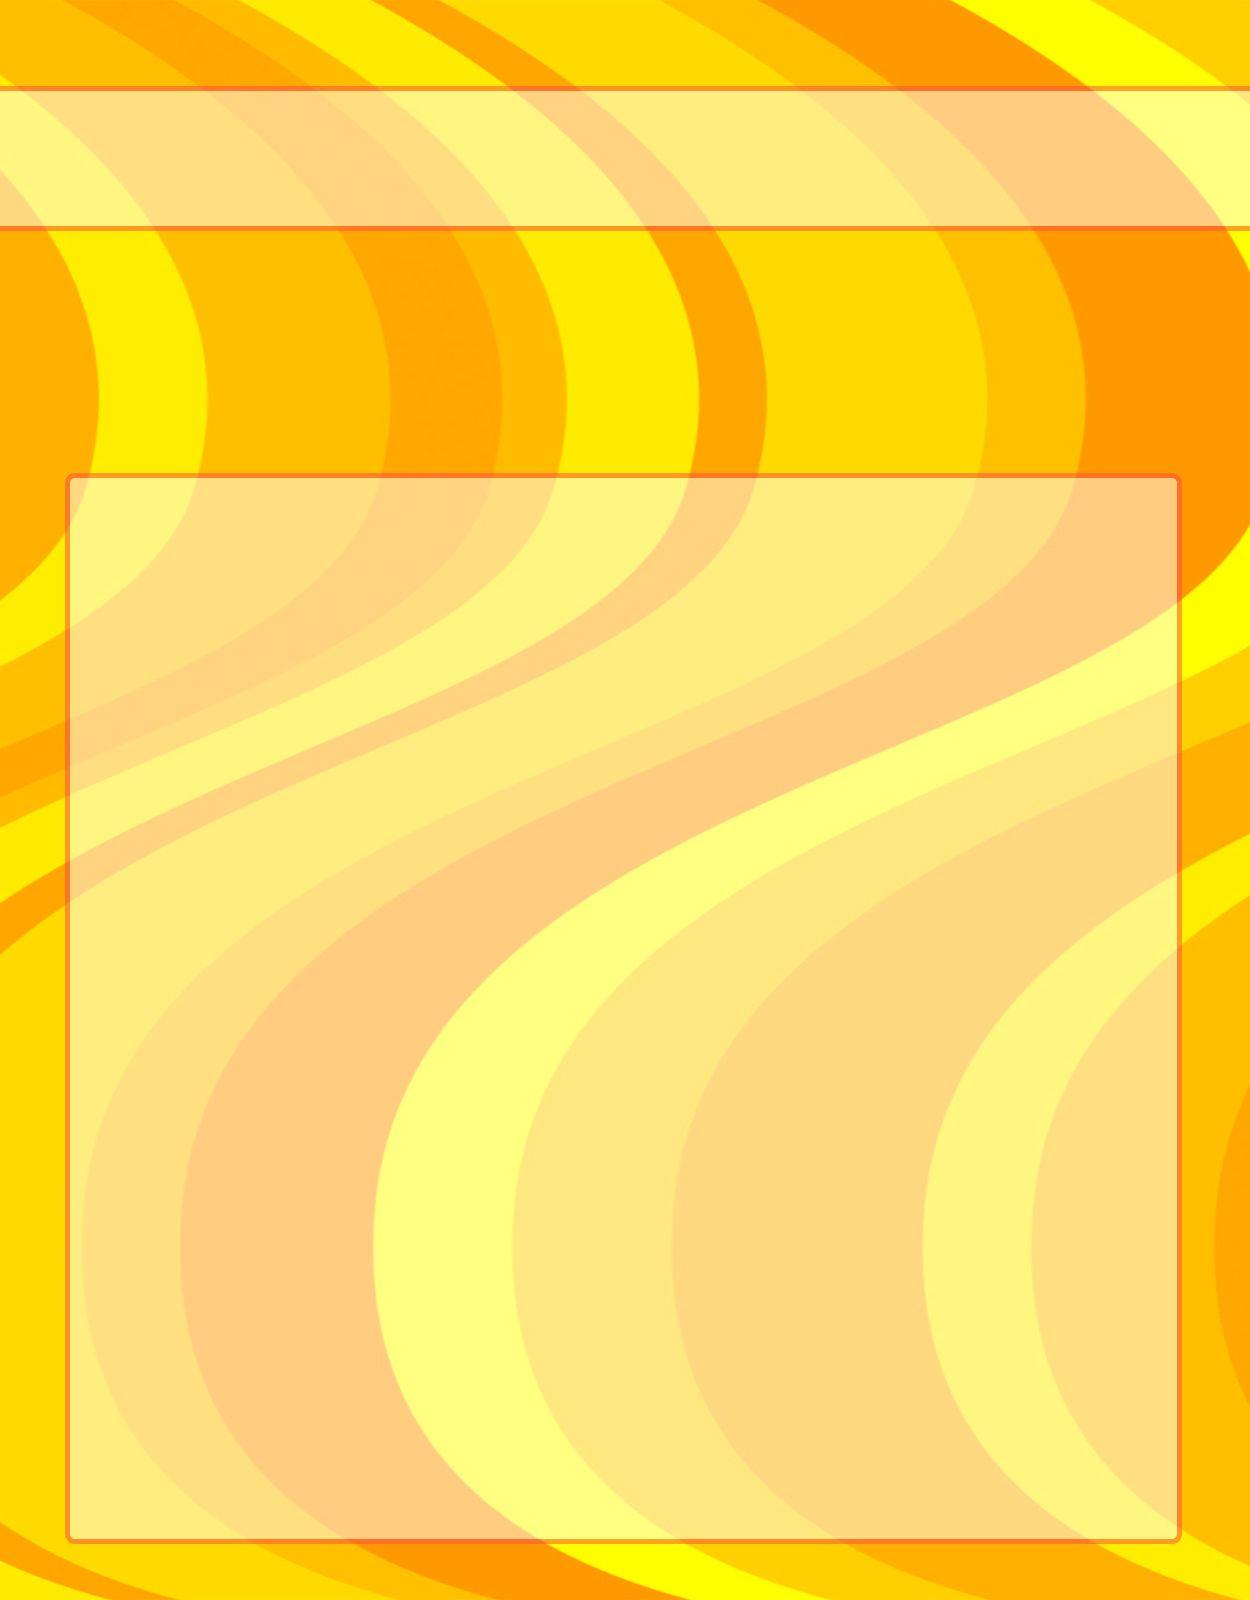 caratula para de rayas amarillas | portadas | Pinterest | Rayas ...